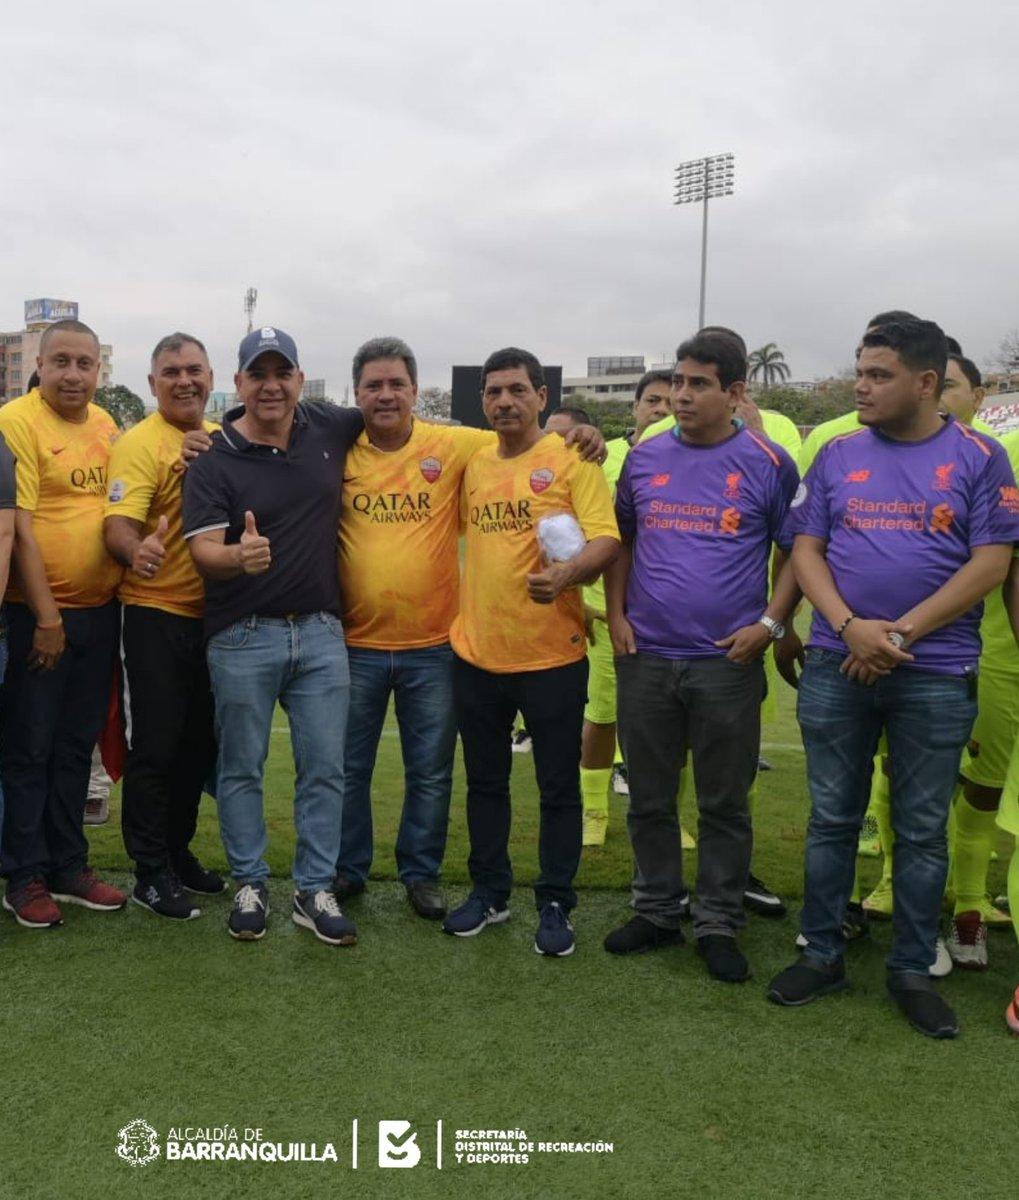 #AEstaHora en el estadio Romelio Martínez, inauguramos el torneo interno de fútbol de la Alcaldía de Barranquilla. #CapitalDeportiva